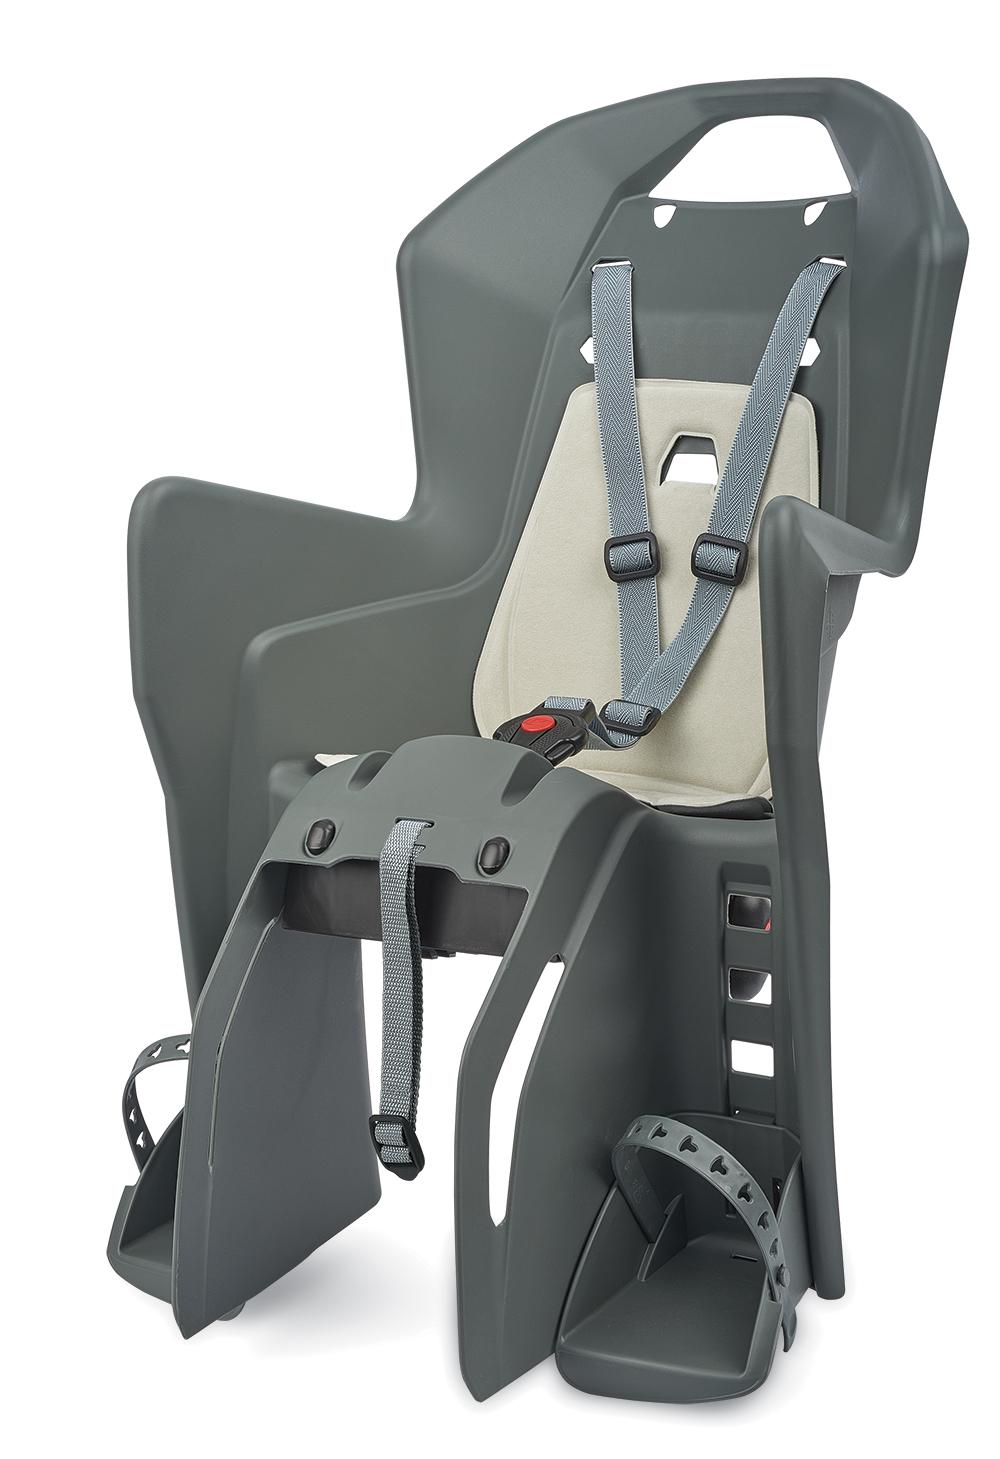 Sjedalo za dj. stražnje KOOLAH na nosač CFS Charcoal Grey/Cream Polisport